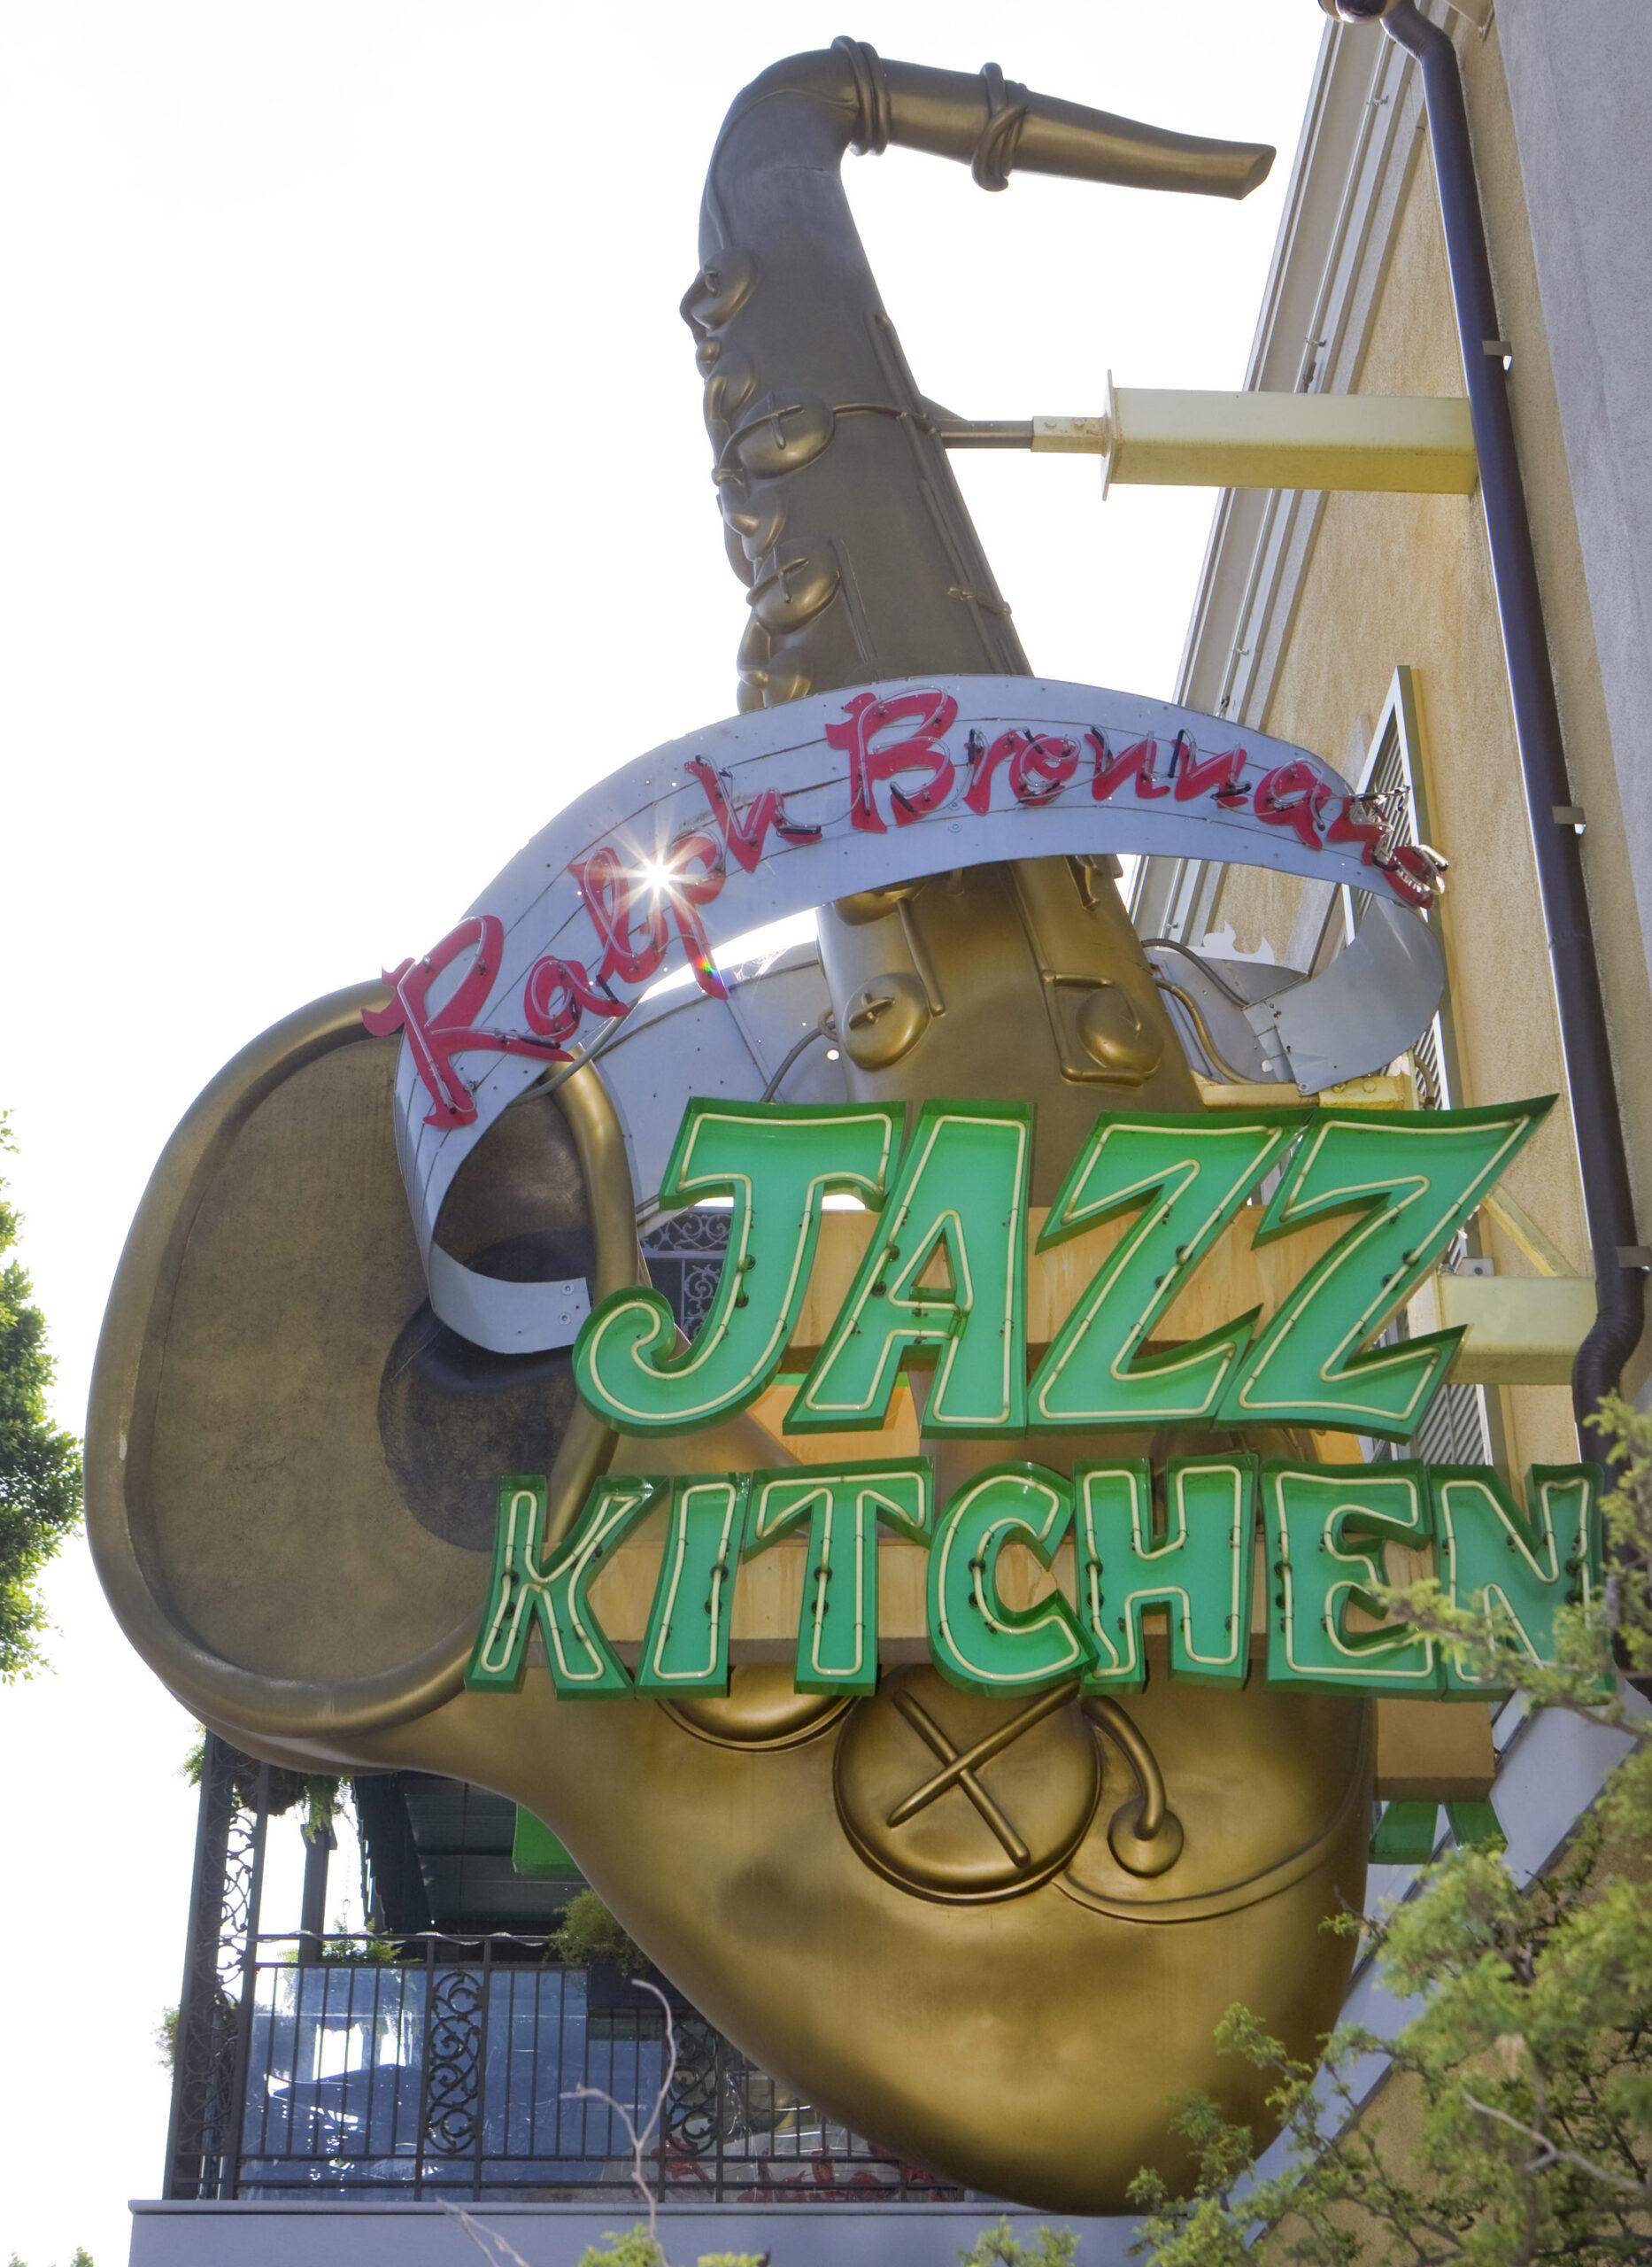 Ralph Brennan's Jazz Kitchen Sign - Downtown Disneyland - Shrimp & Grits from Ralph Brennan's Jazz Kitchen